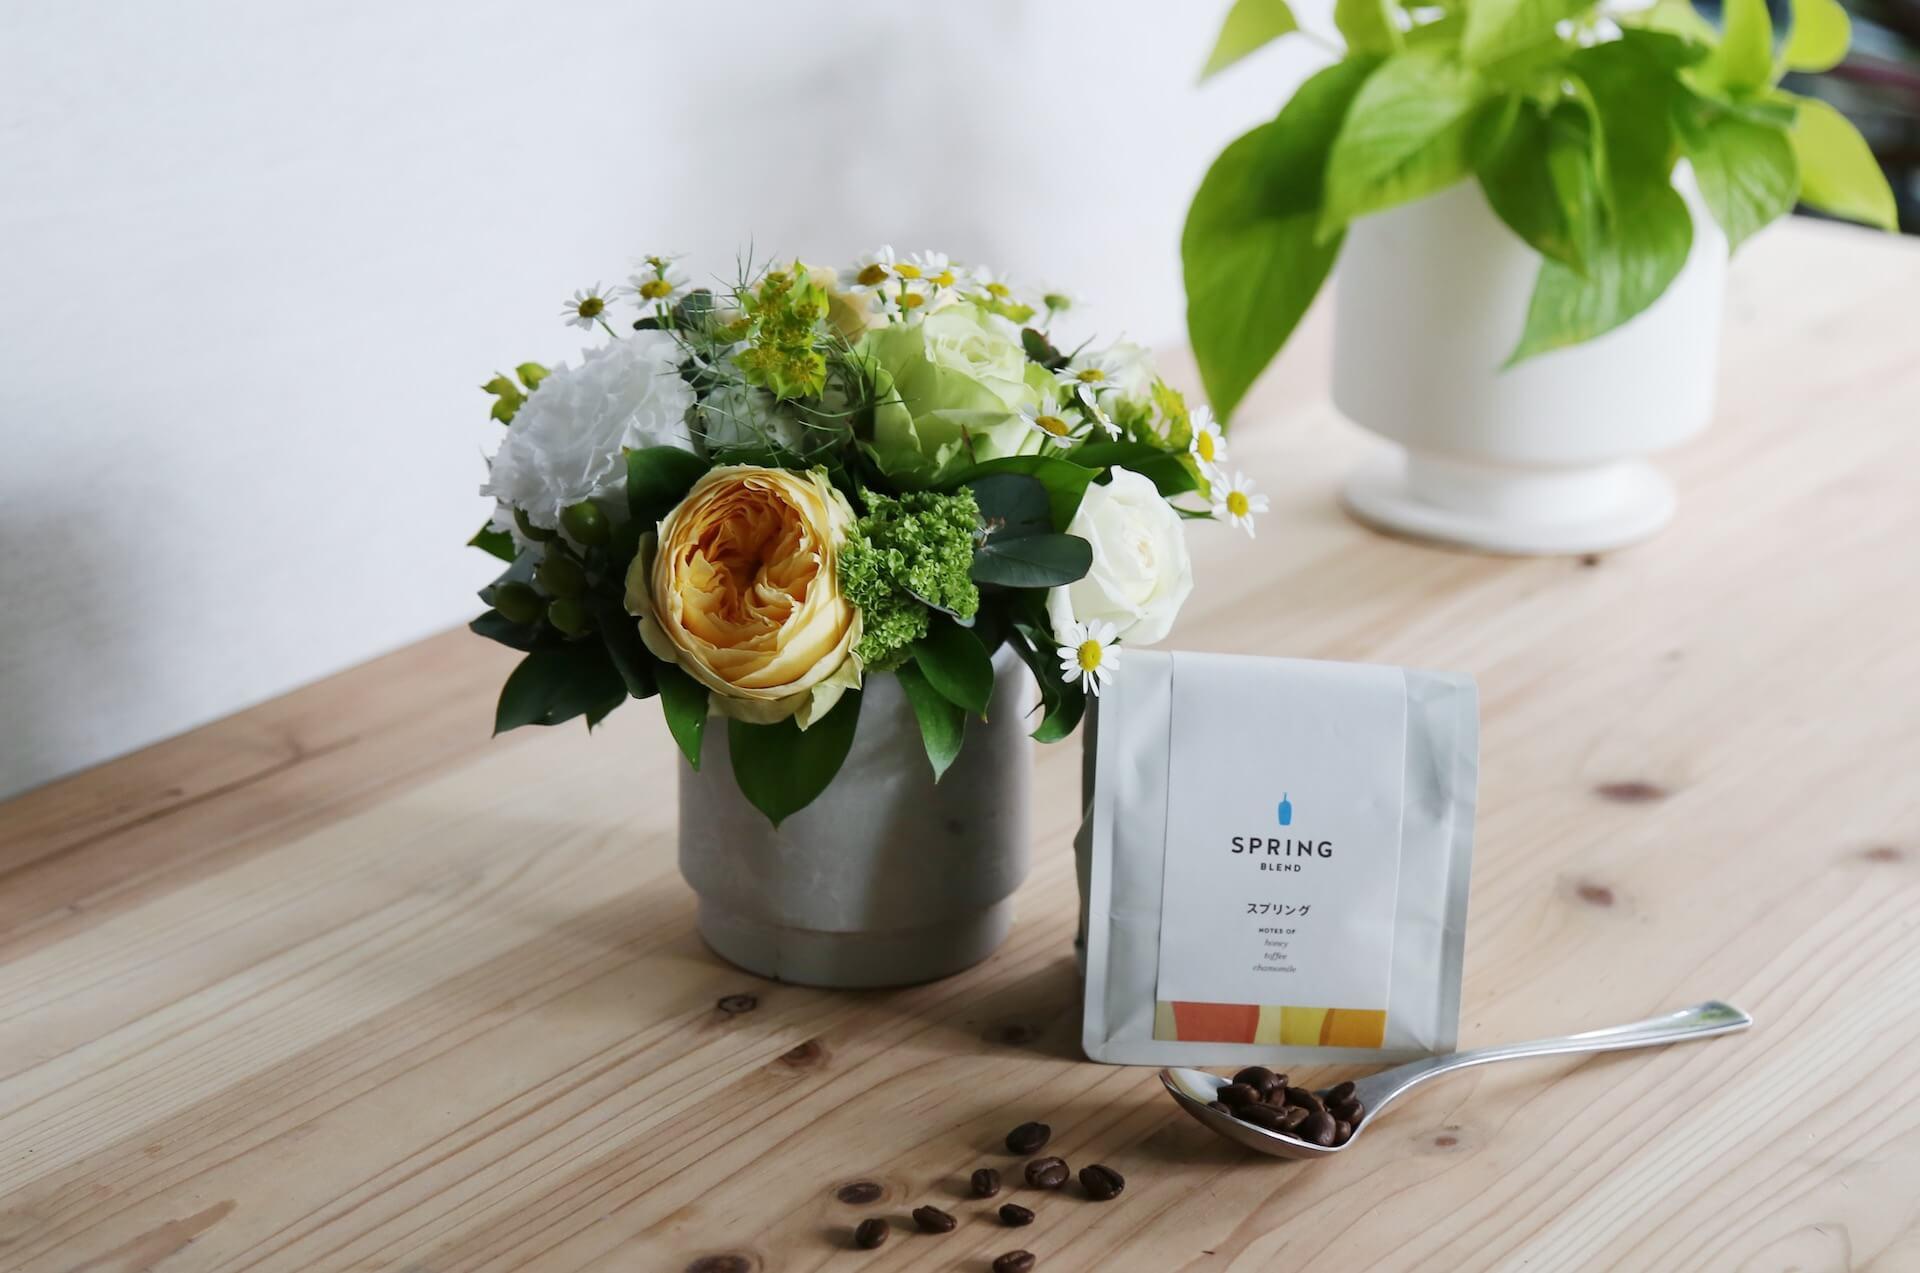 季節の花とコーヒーの母の日ギフトが登場!フラワーアレンジメント、ブーケと「スプリングブレンド」コーヒーがセットに lf200428_mothersdaygift_04